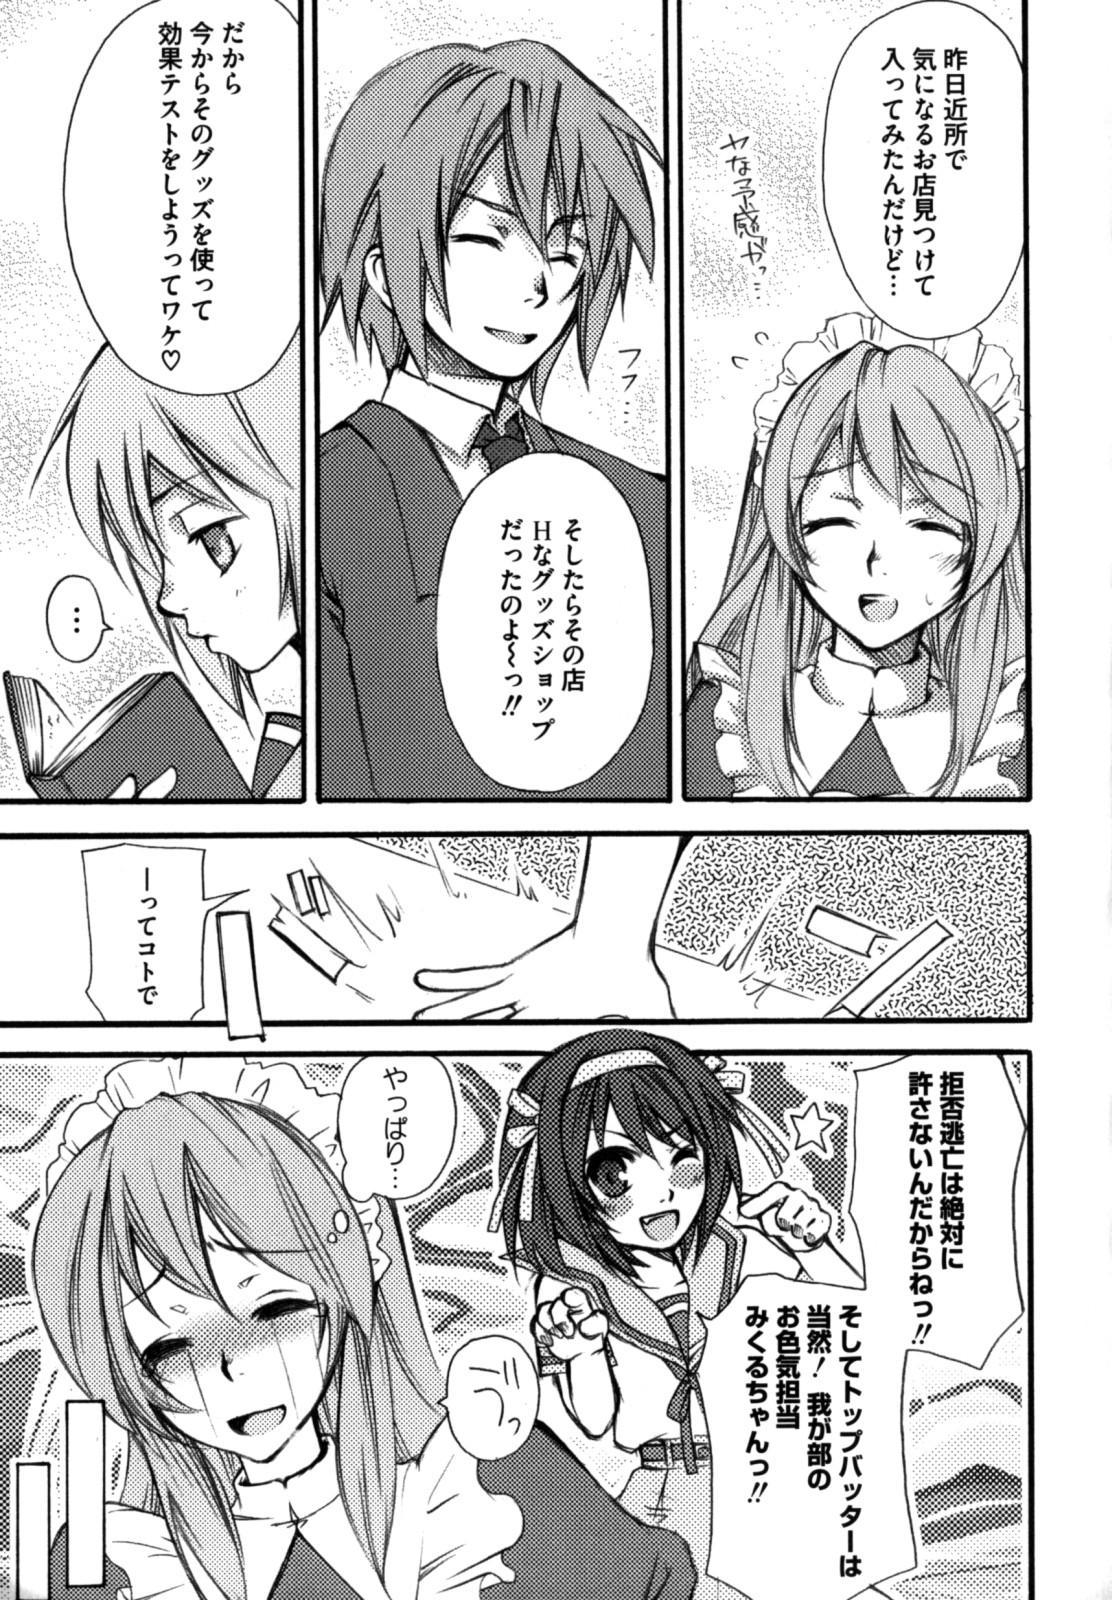 Shikijou no Erosu 58